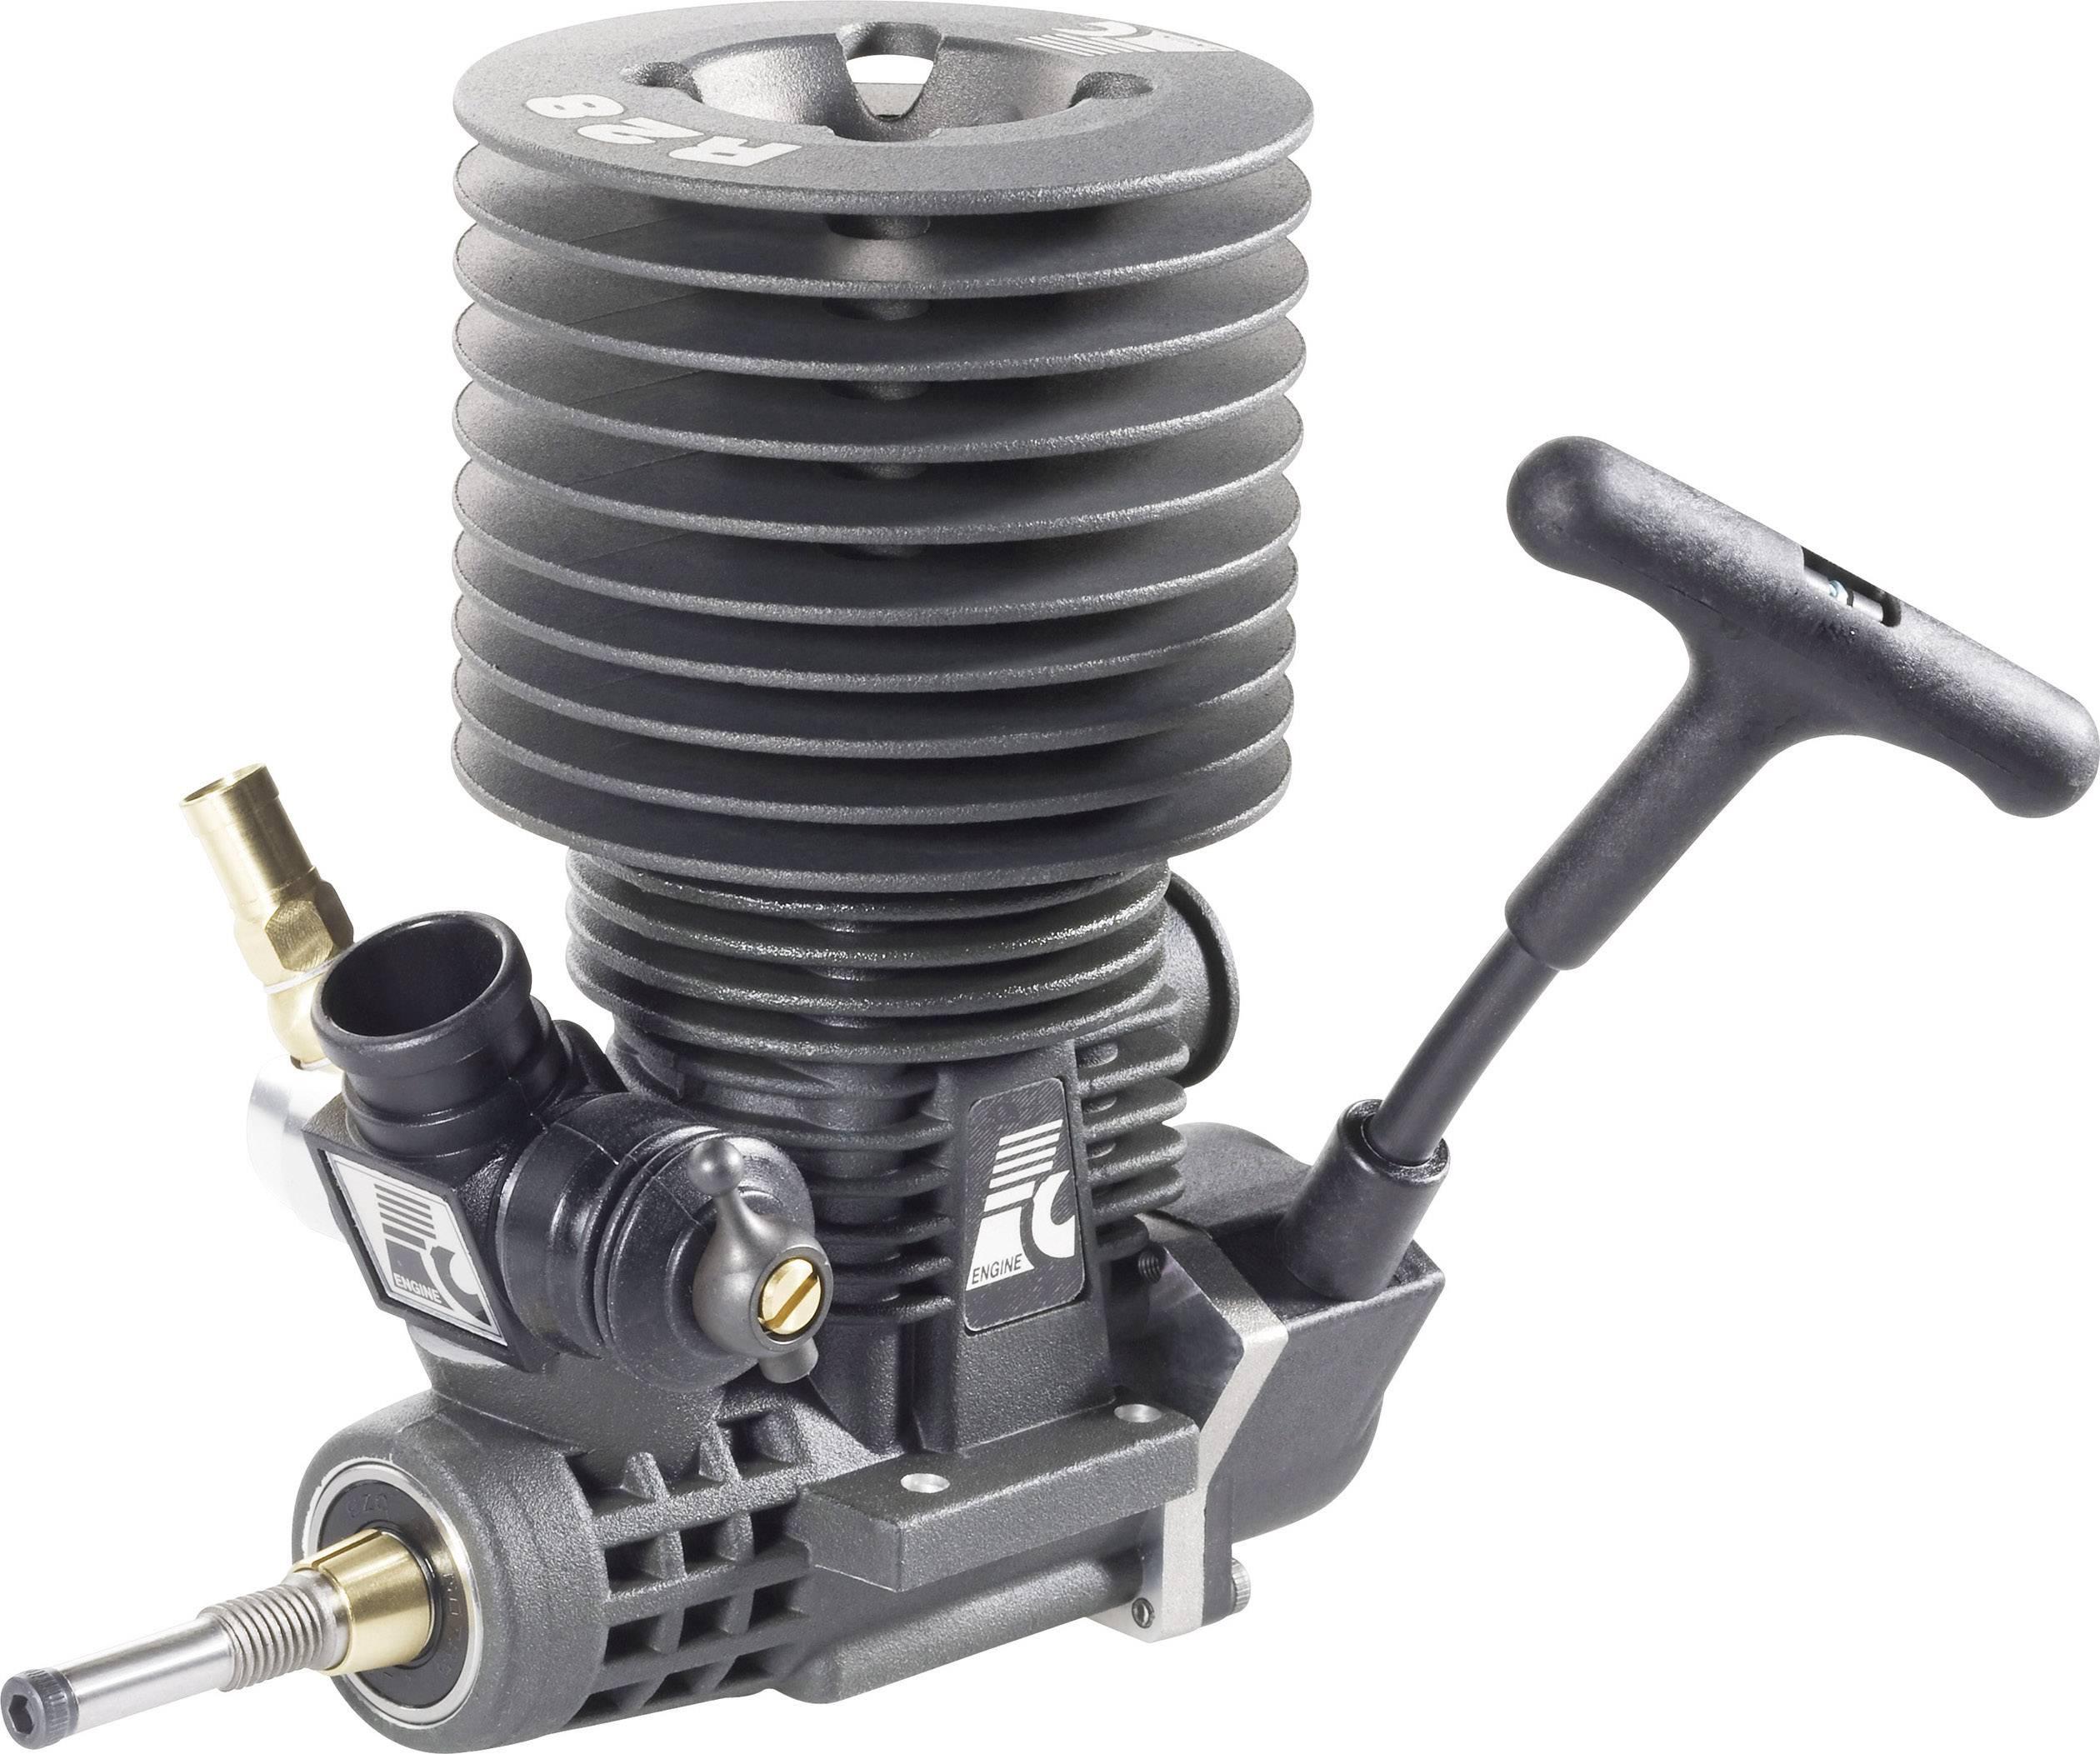 Spalovací motor Force Engine 28 Black, 4,58 cm3, 2,15 kW, zadní výfuk